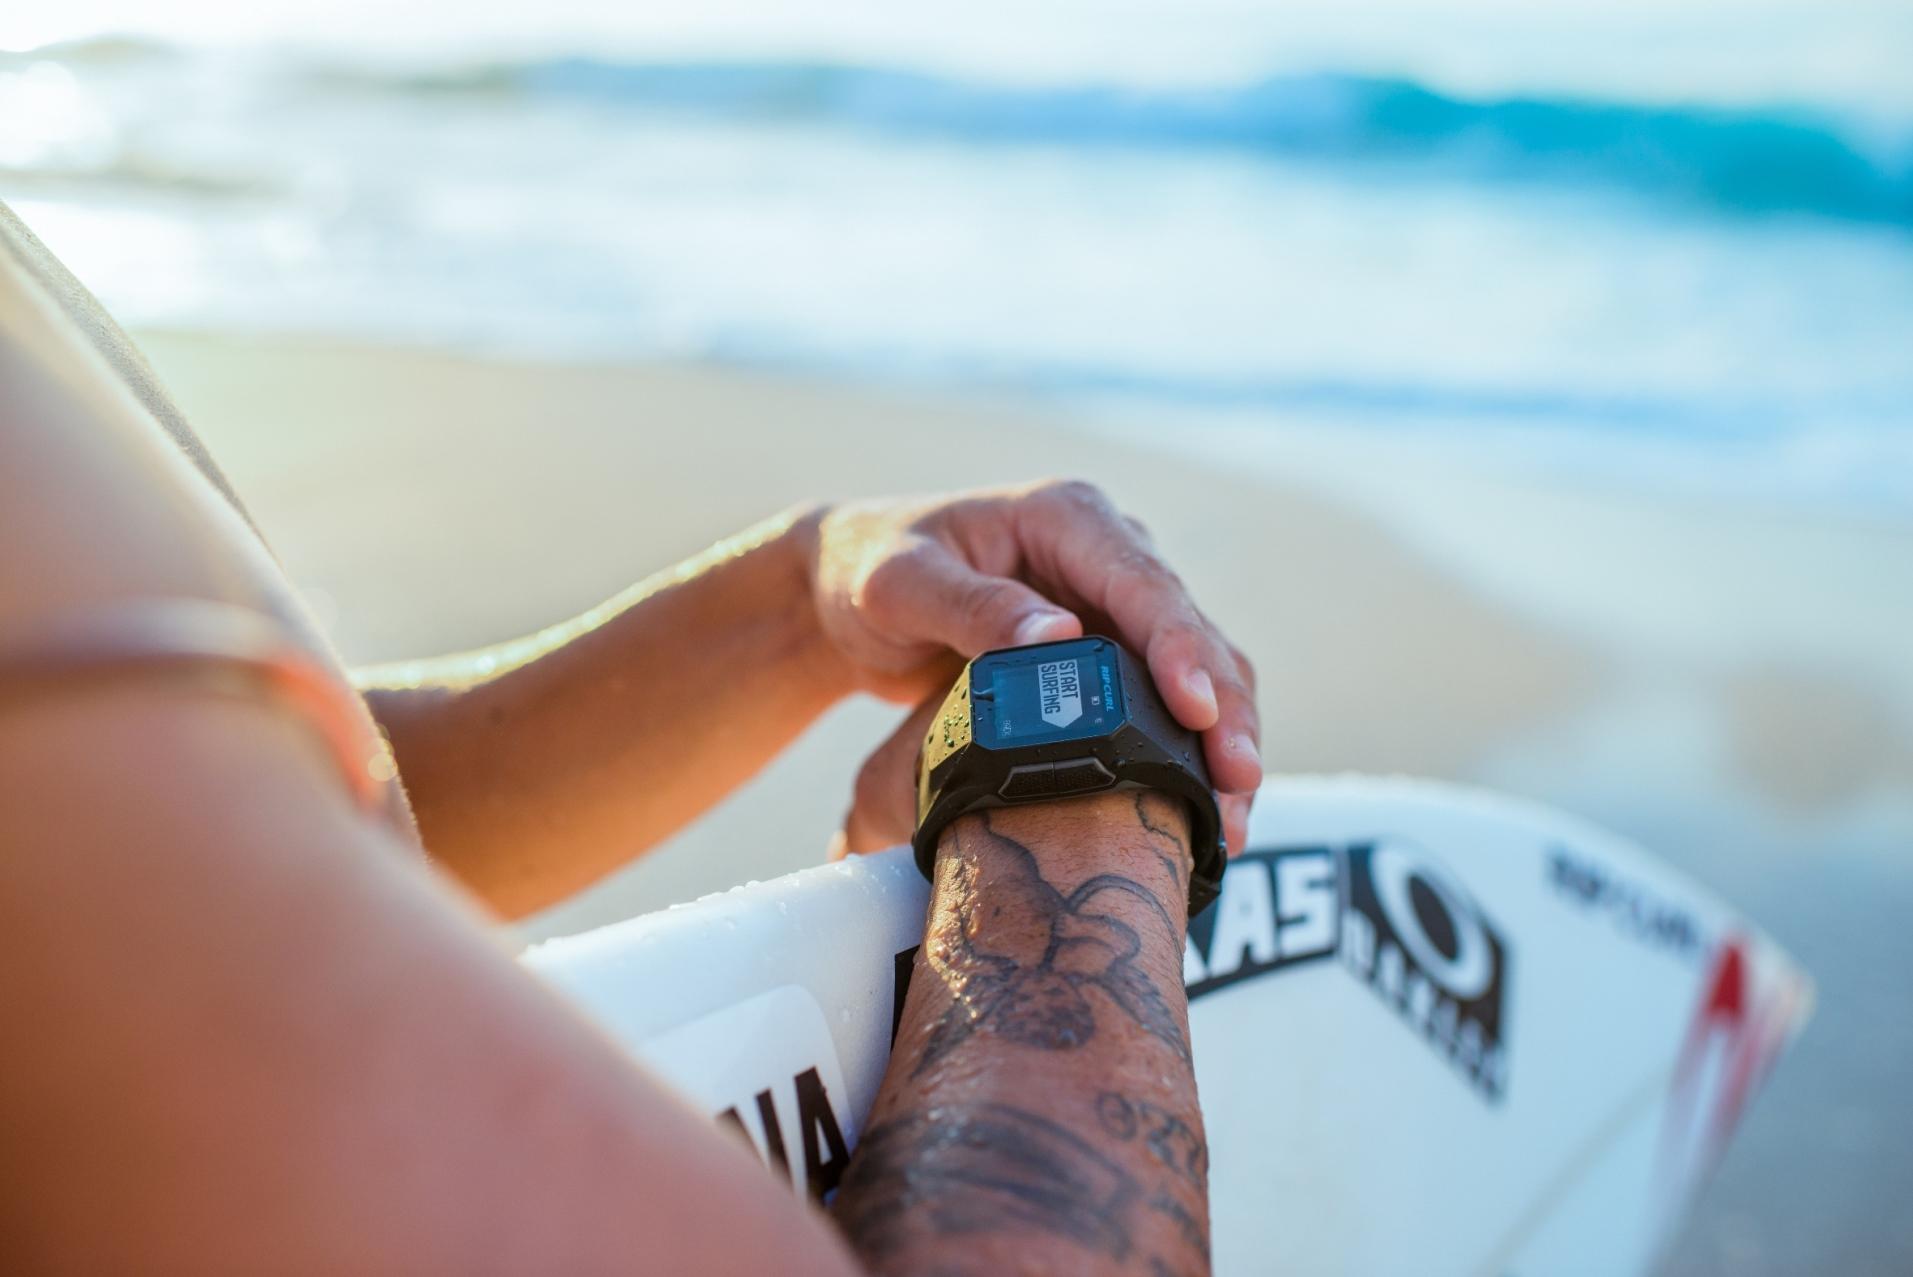 47ceaa72198 Relógio GPS Rip Curl! Registre o seu surf. - Blog Surf Alive